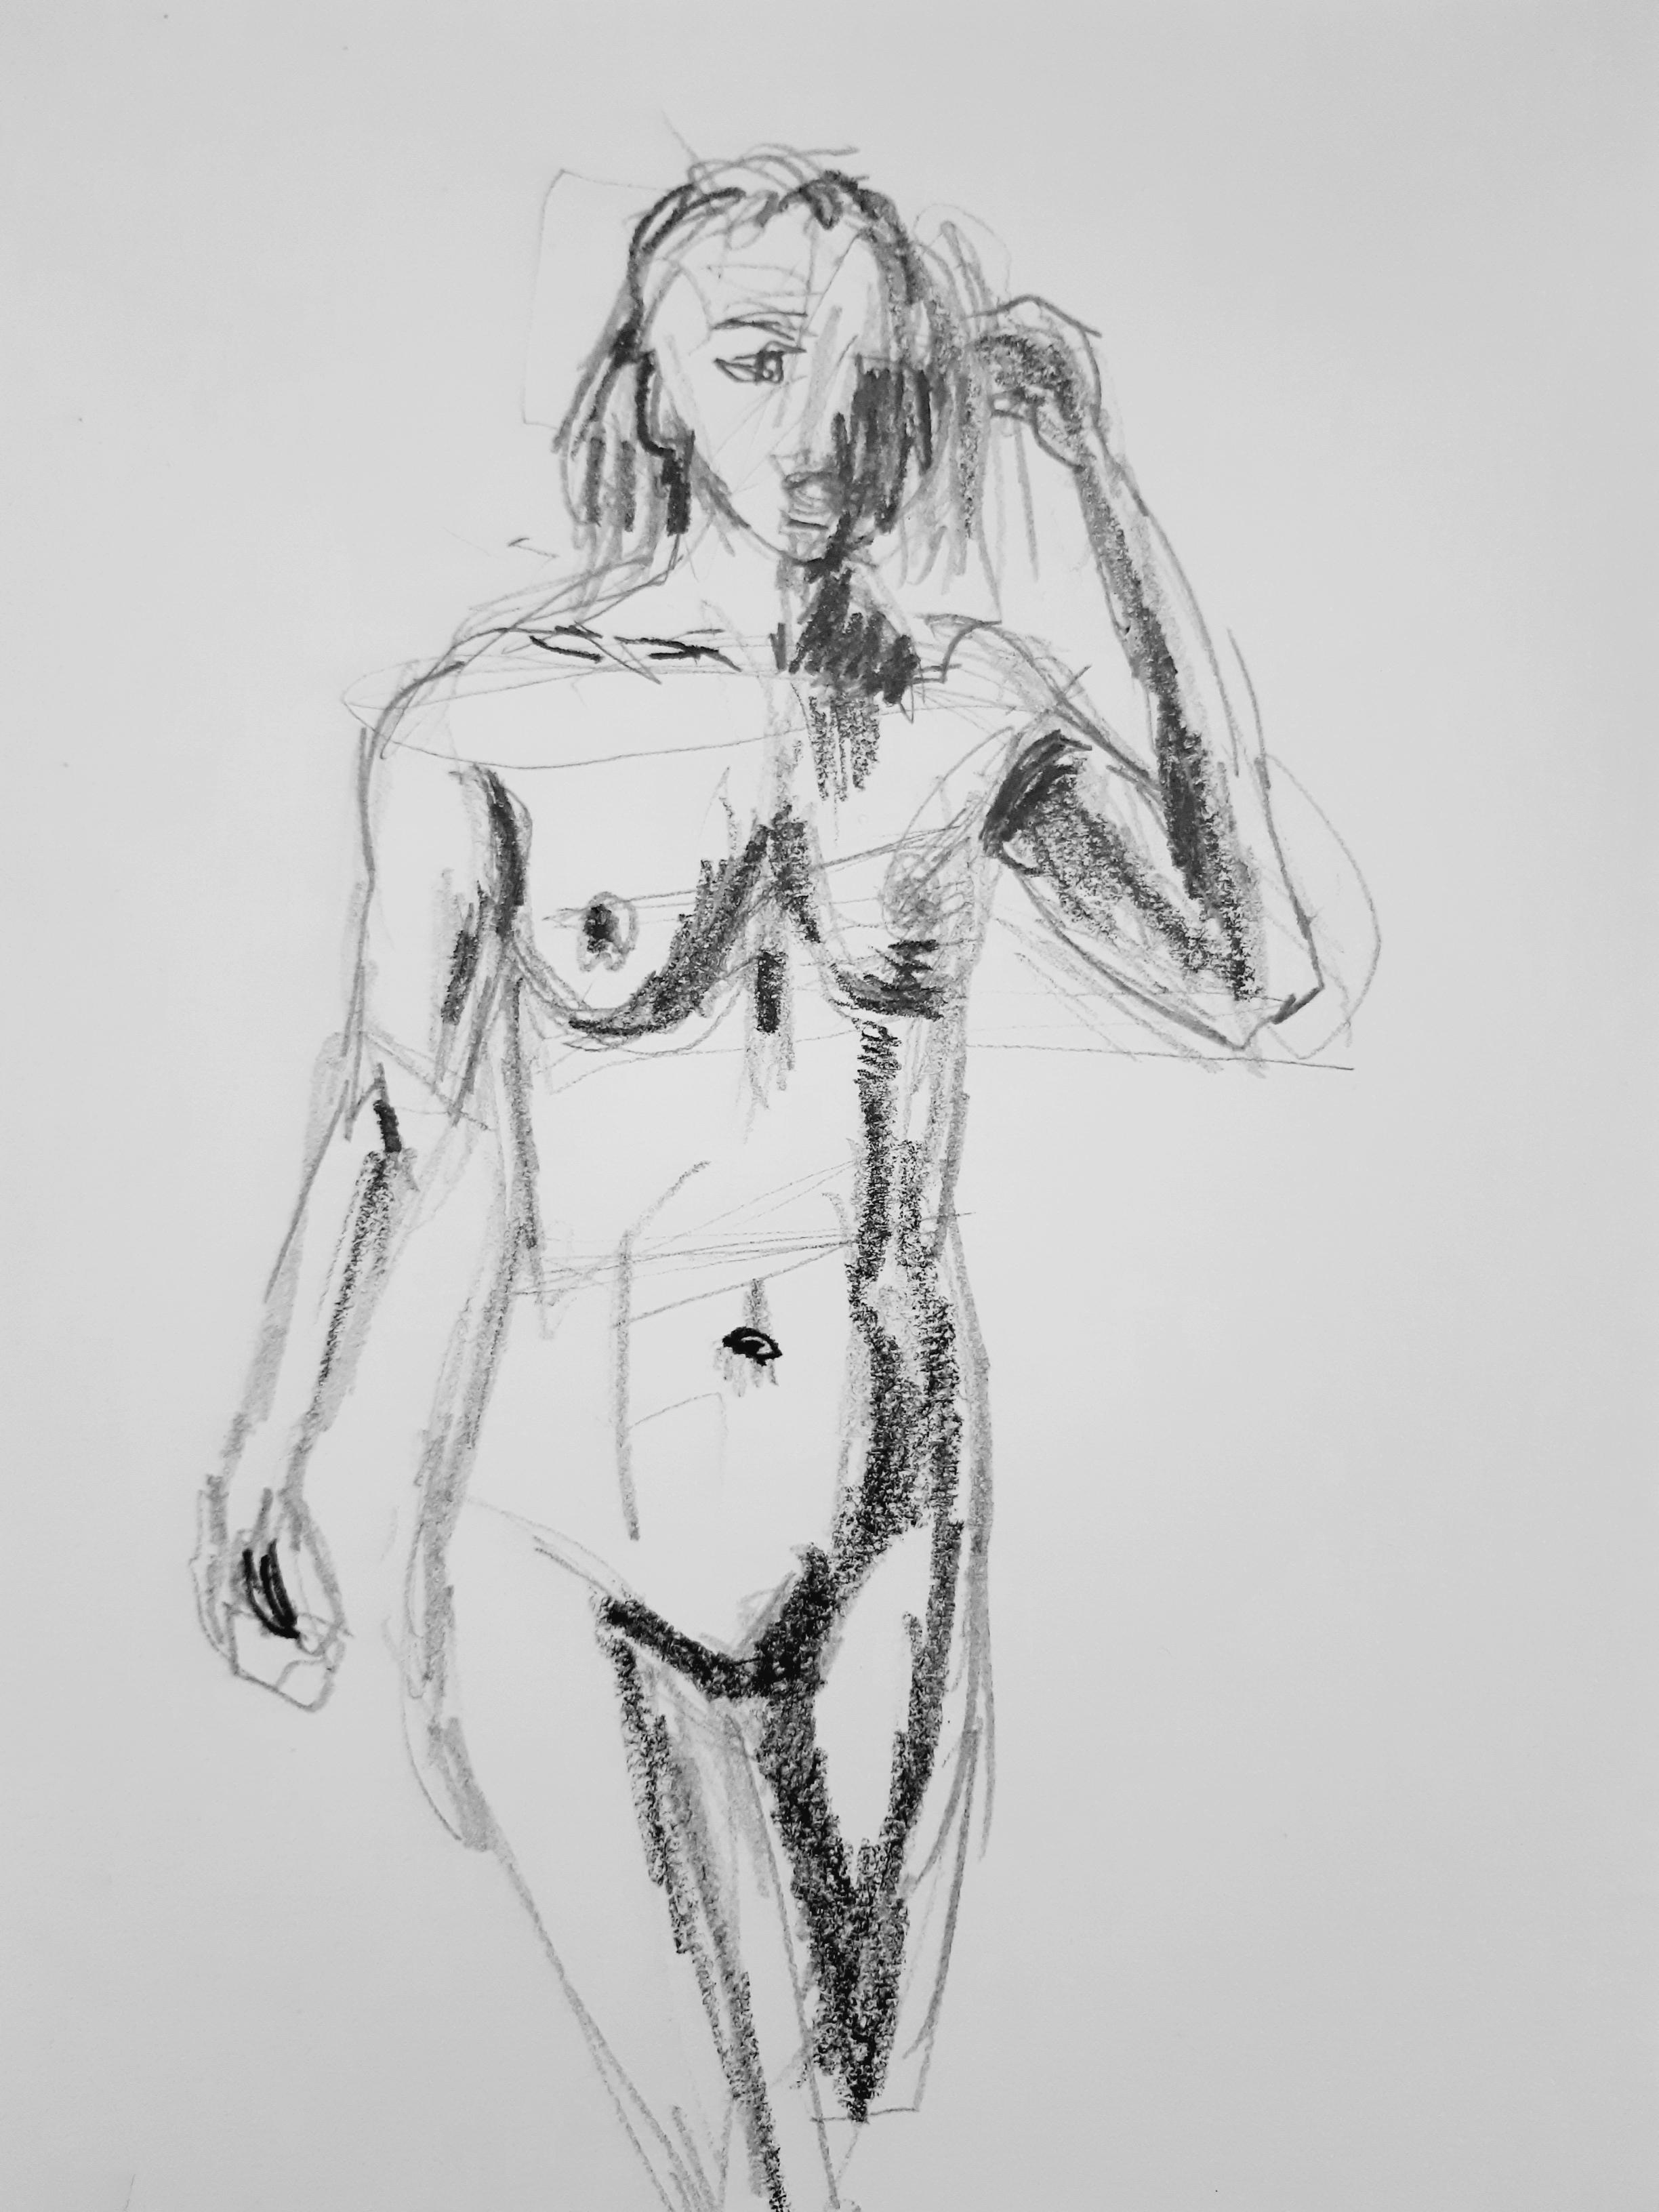 Esquisse rapide carbone crayon sur papier buste femme trois quarts face  cours de dessin